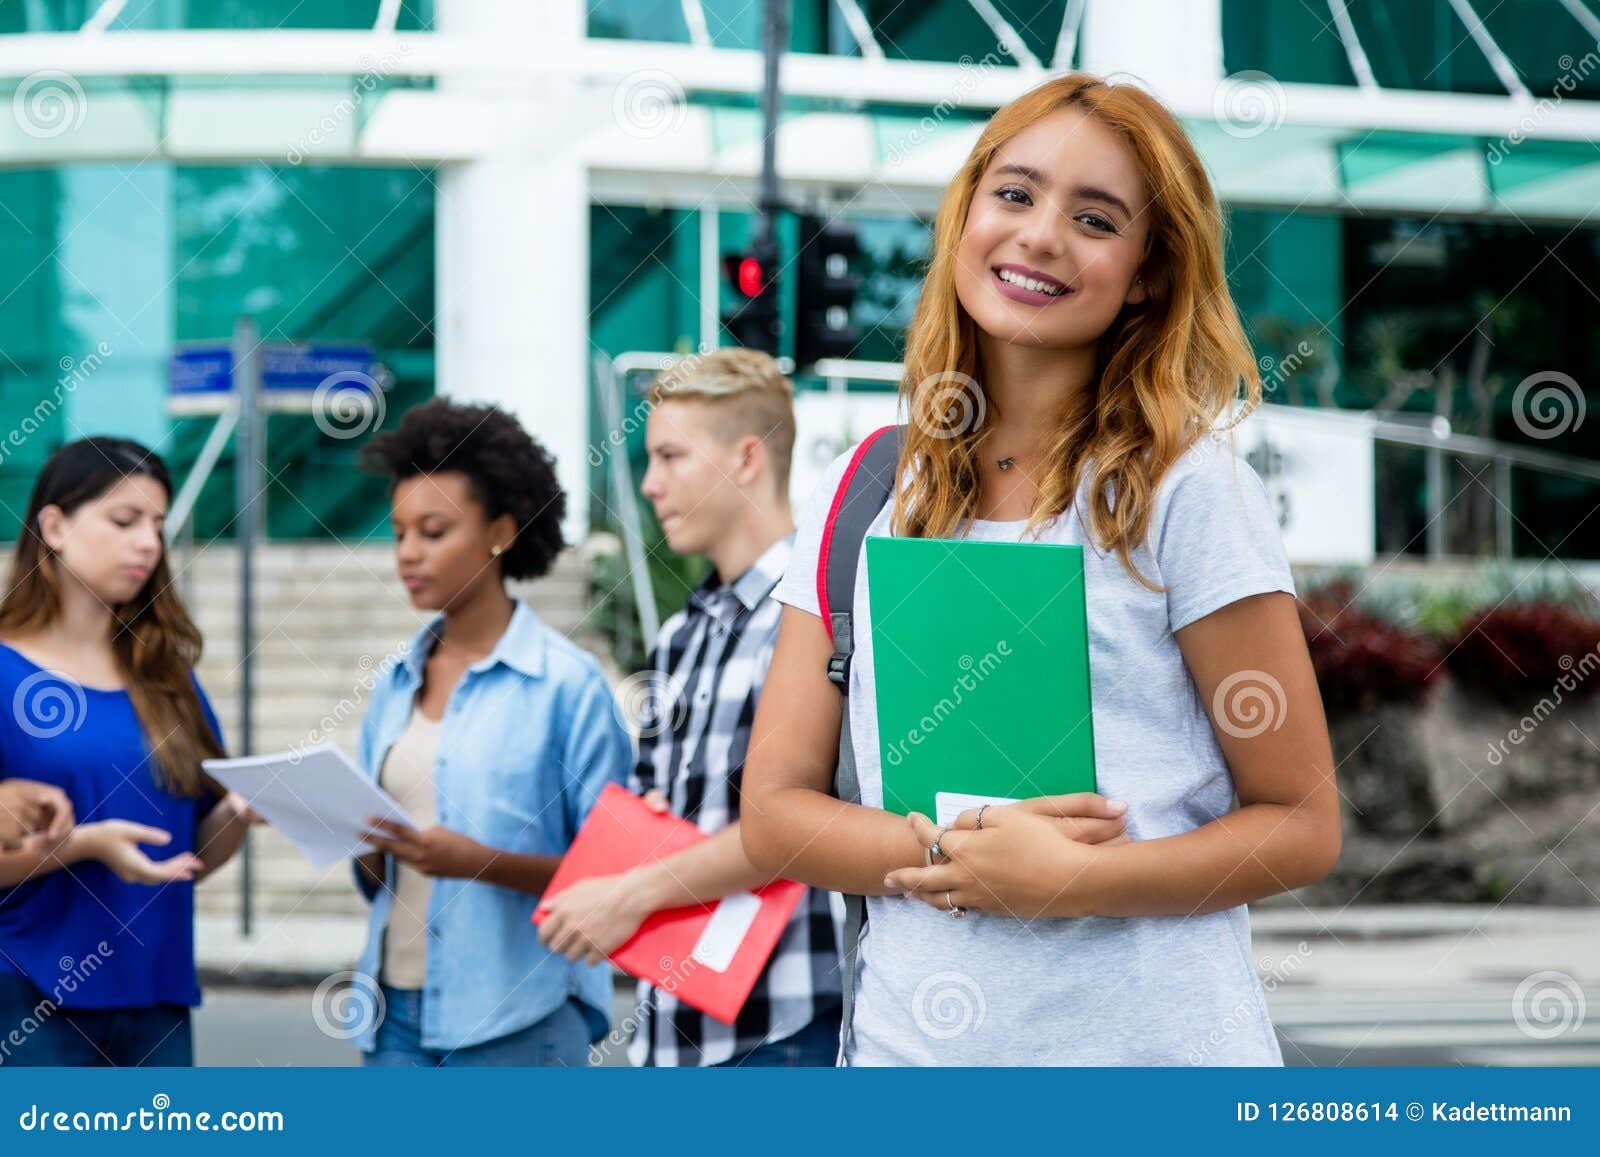 Recht amerikanische Studentin mit Gruppe internationalem peopl